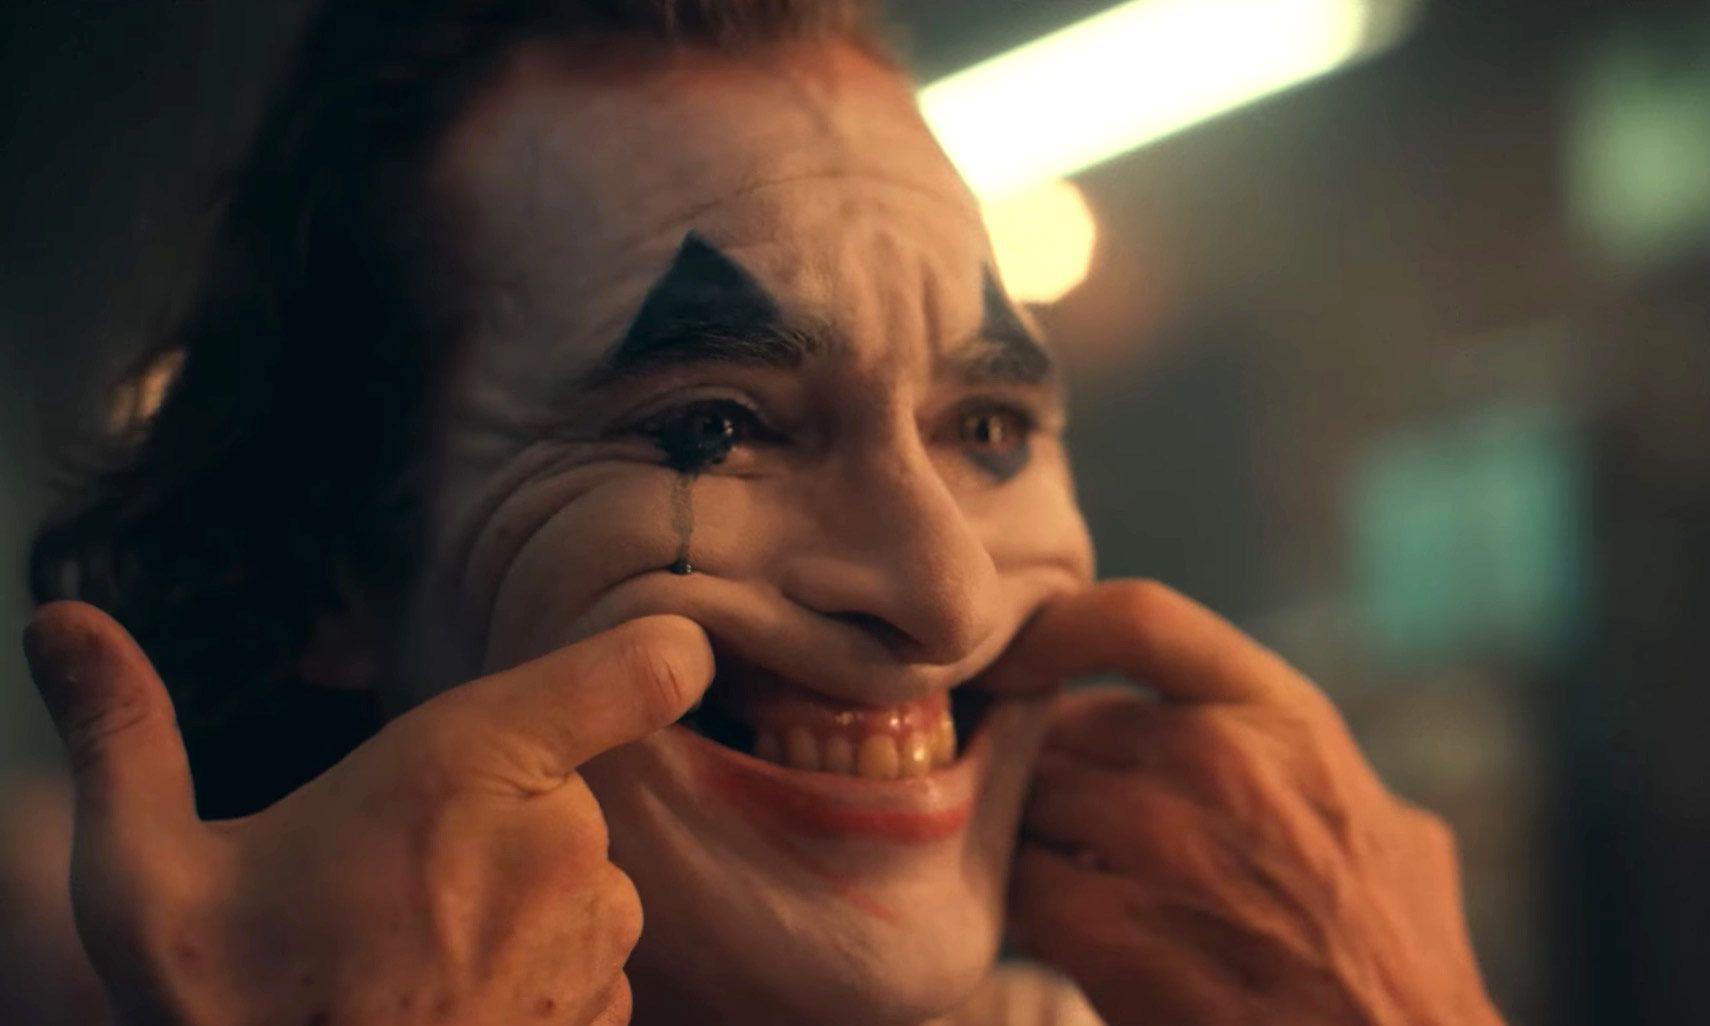 讲述小丑起源,DC 独立电影《Joker》预告片正式发布